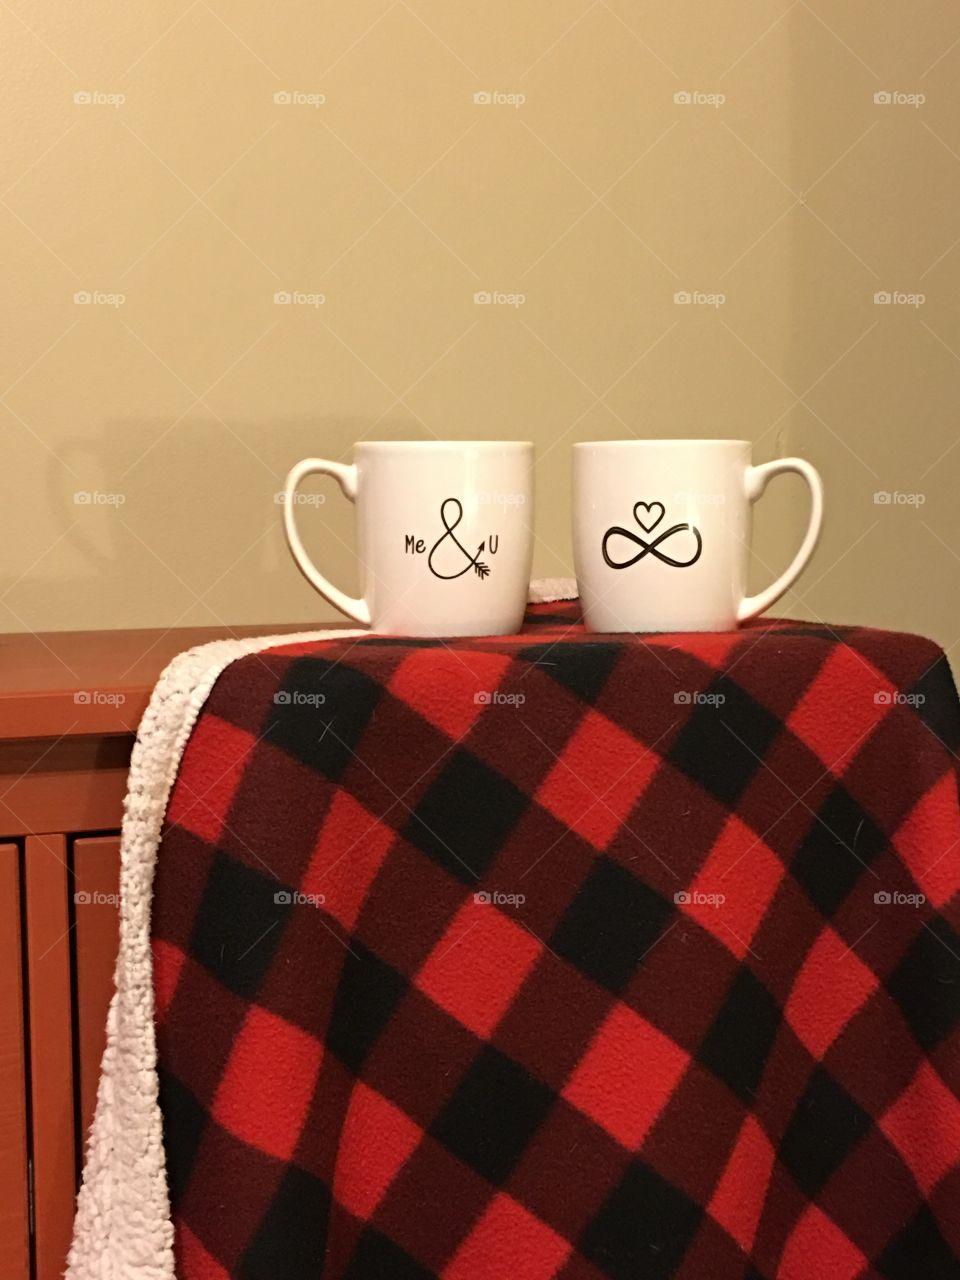 No Person, Family, Design, Empty, Coffee